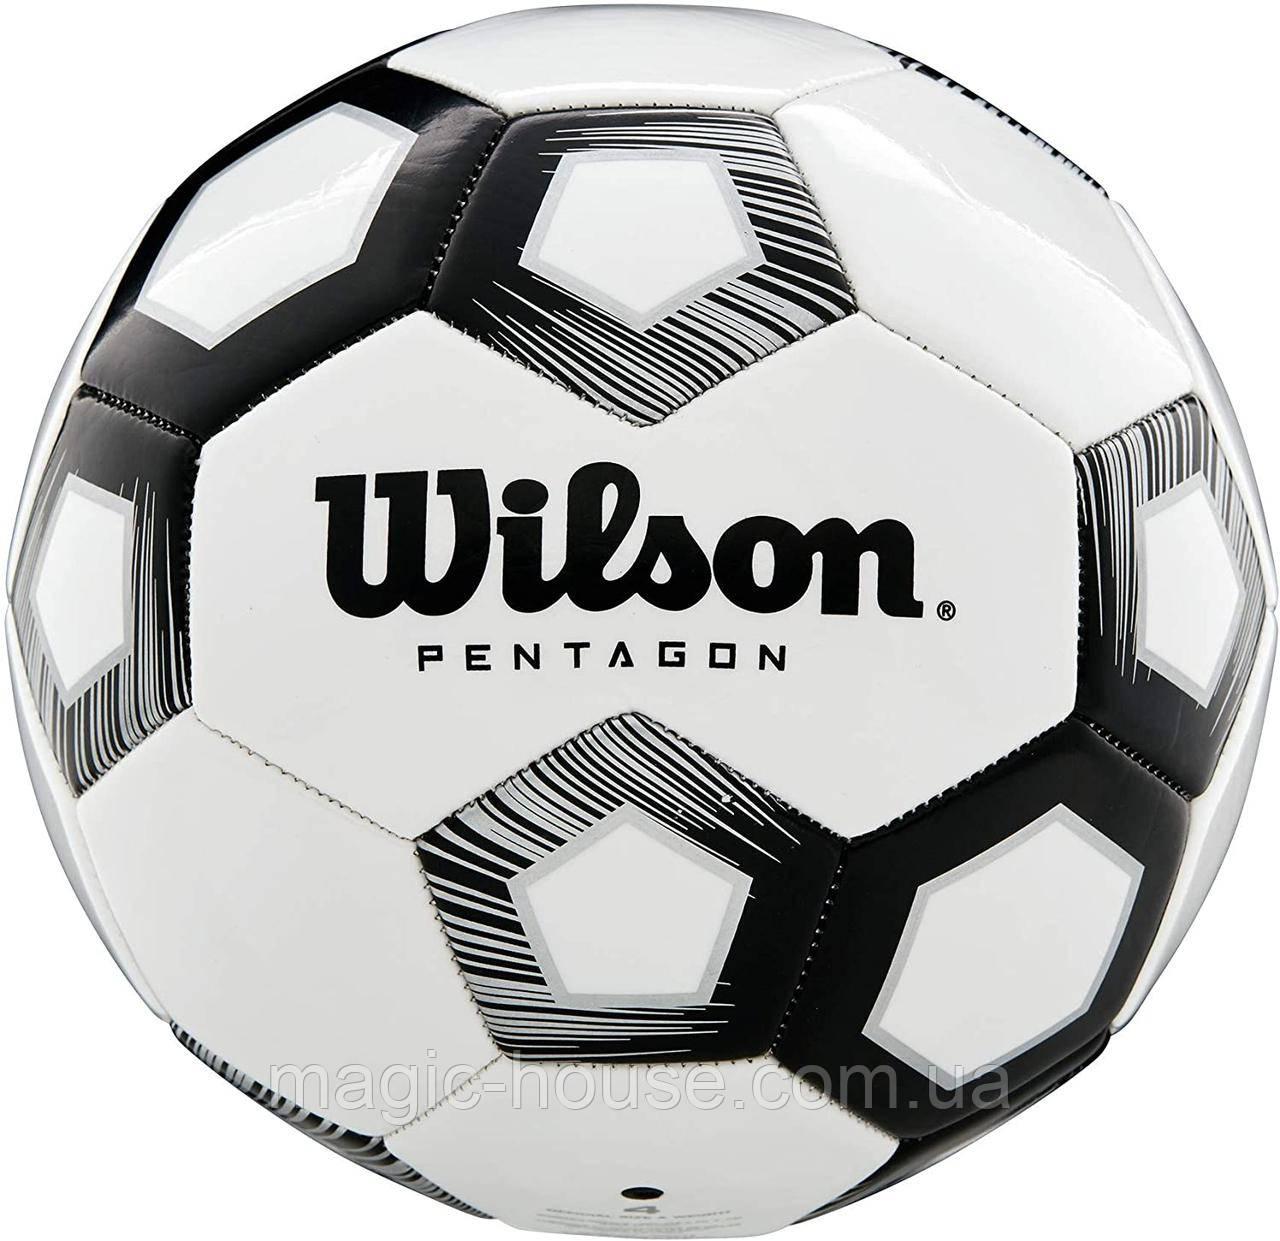 Мяч футбольный игровой Wilson Pentagon Soccer Ball размер 5